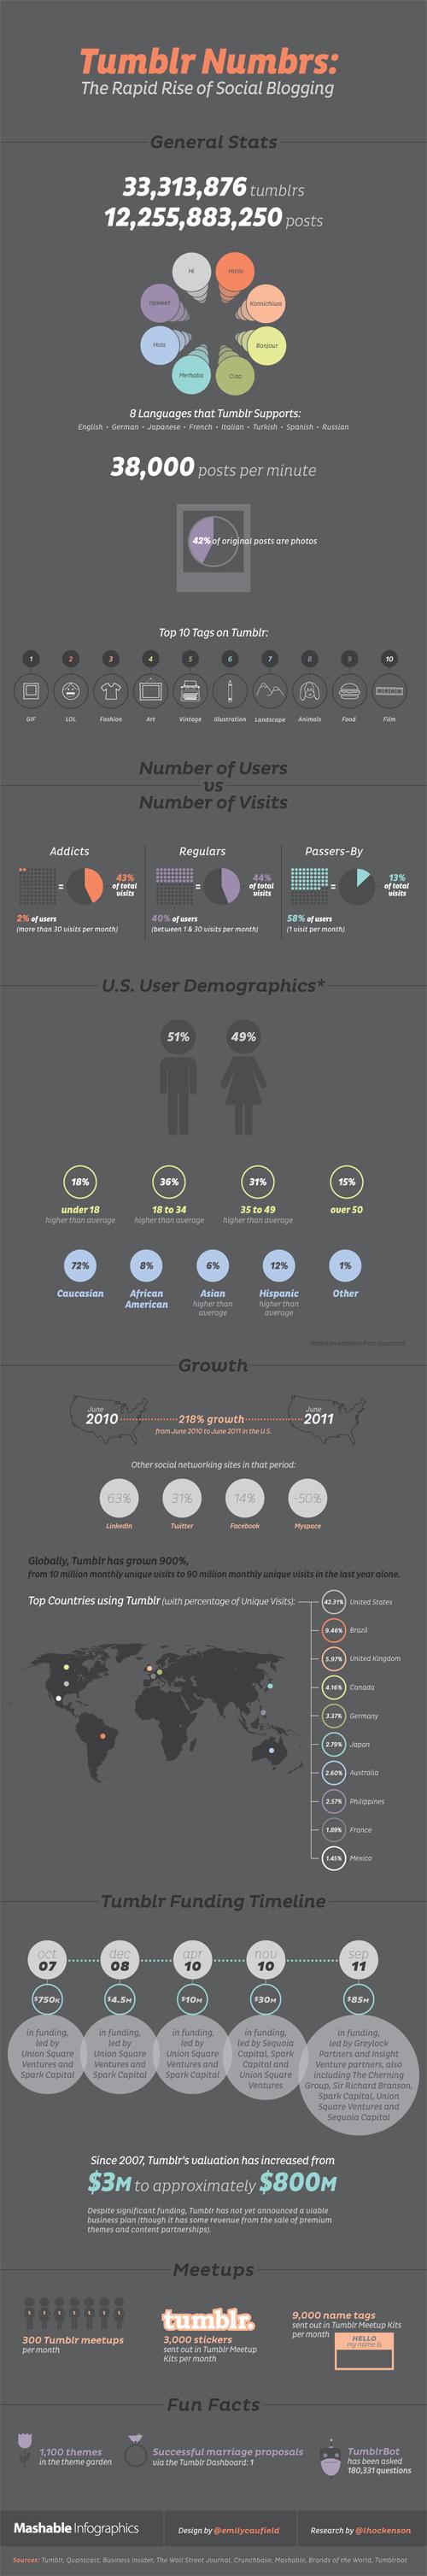 Tumblr : Chiffres clés en infographie